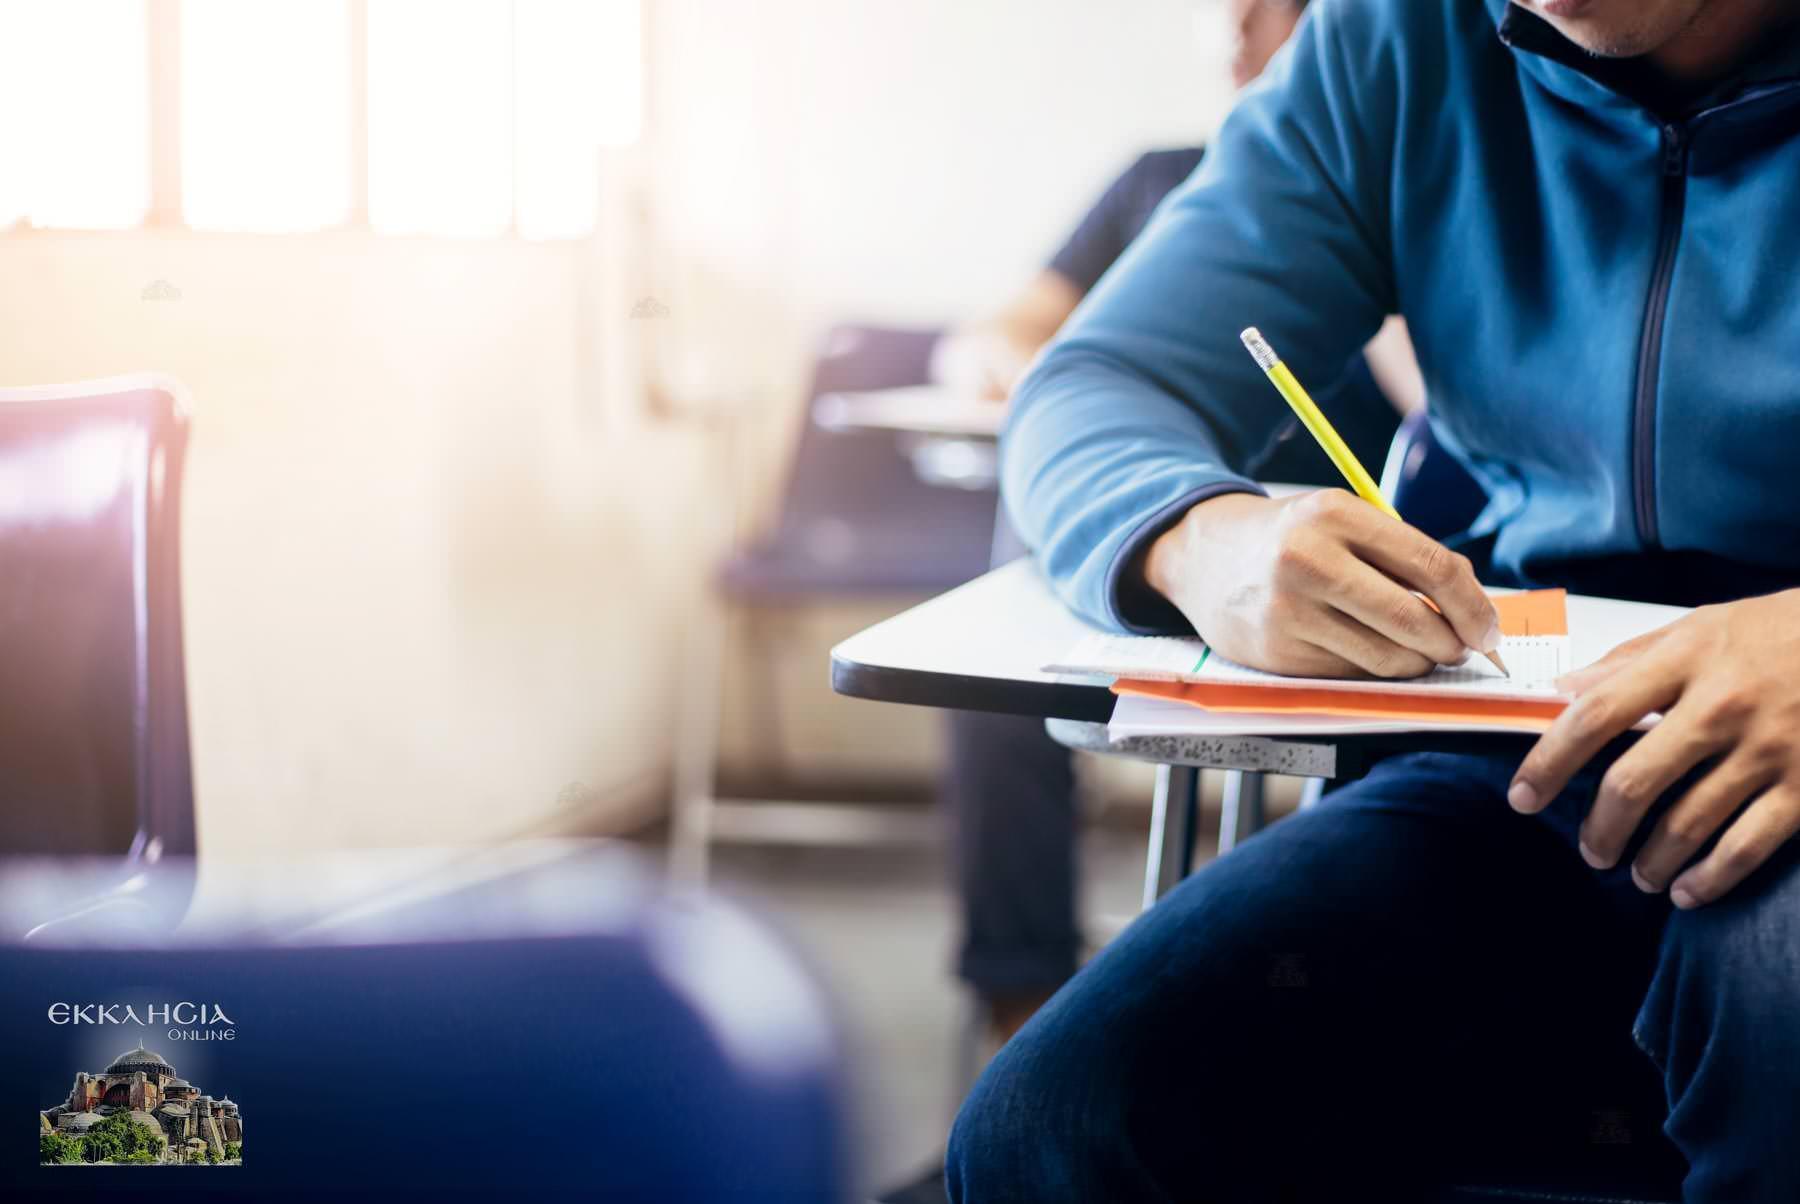 πανελλήνιες εξετάσεις βάσεις 2019